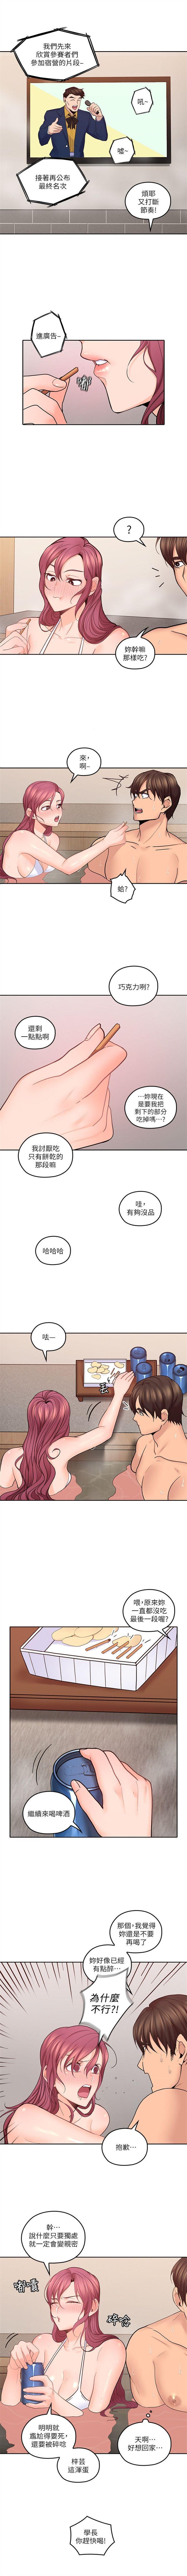 (週4)親愛的大叔 1-33 中文翻譯(更新中) 146